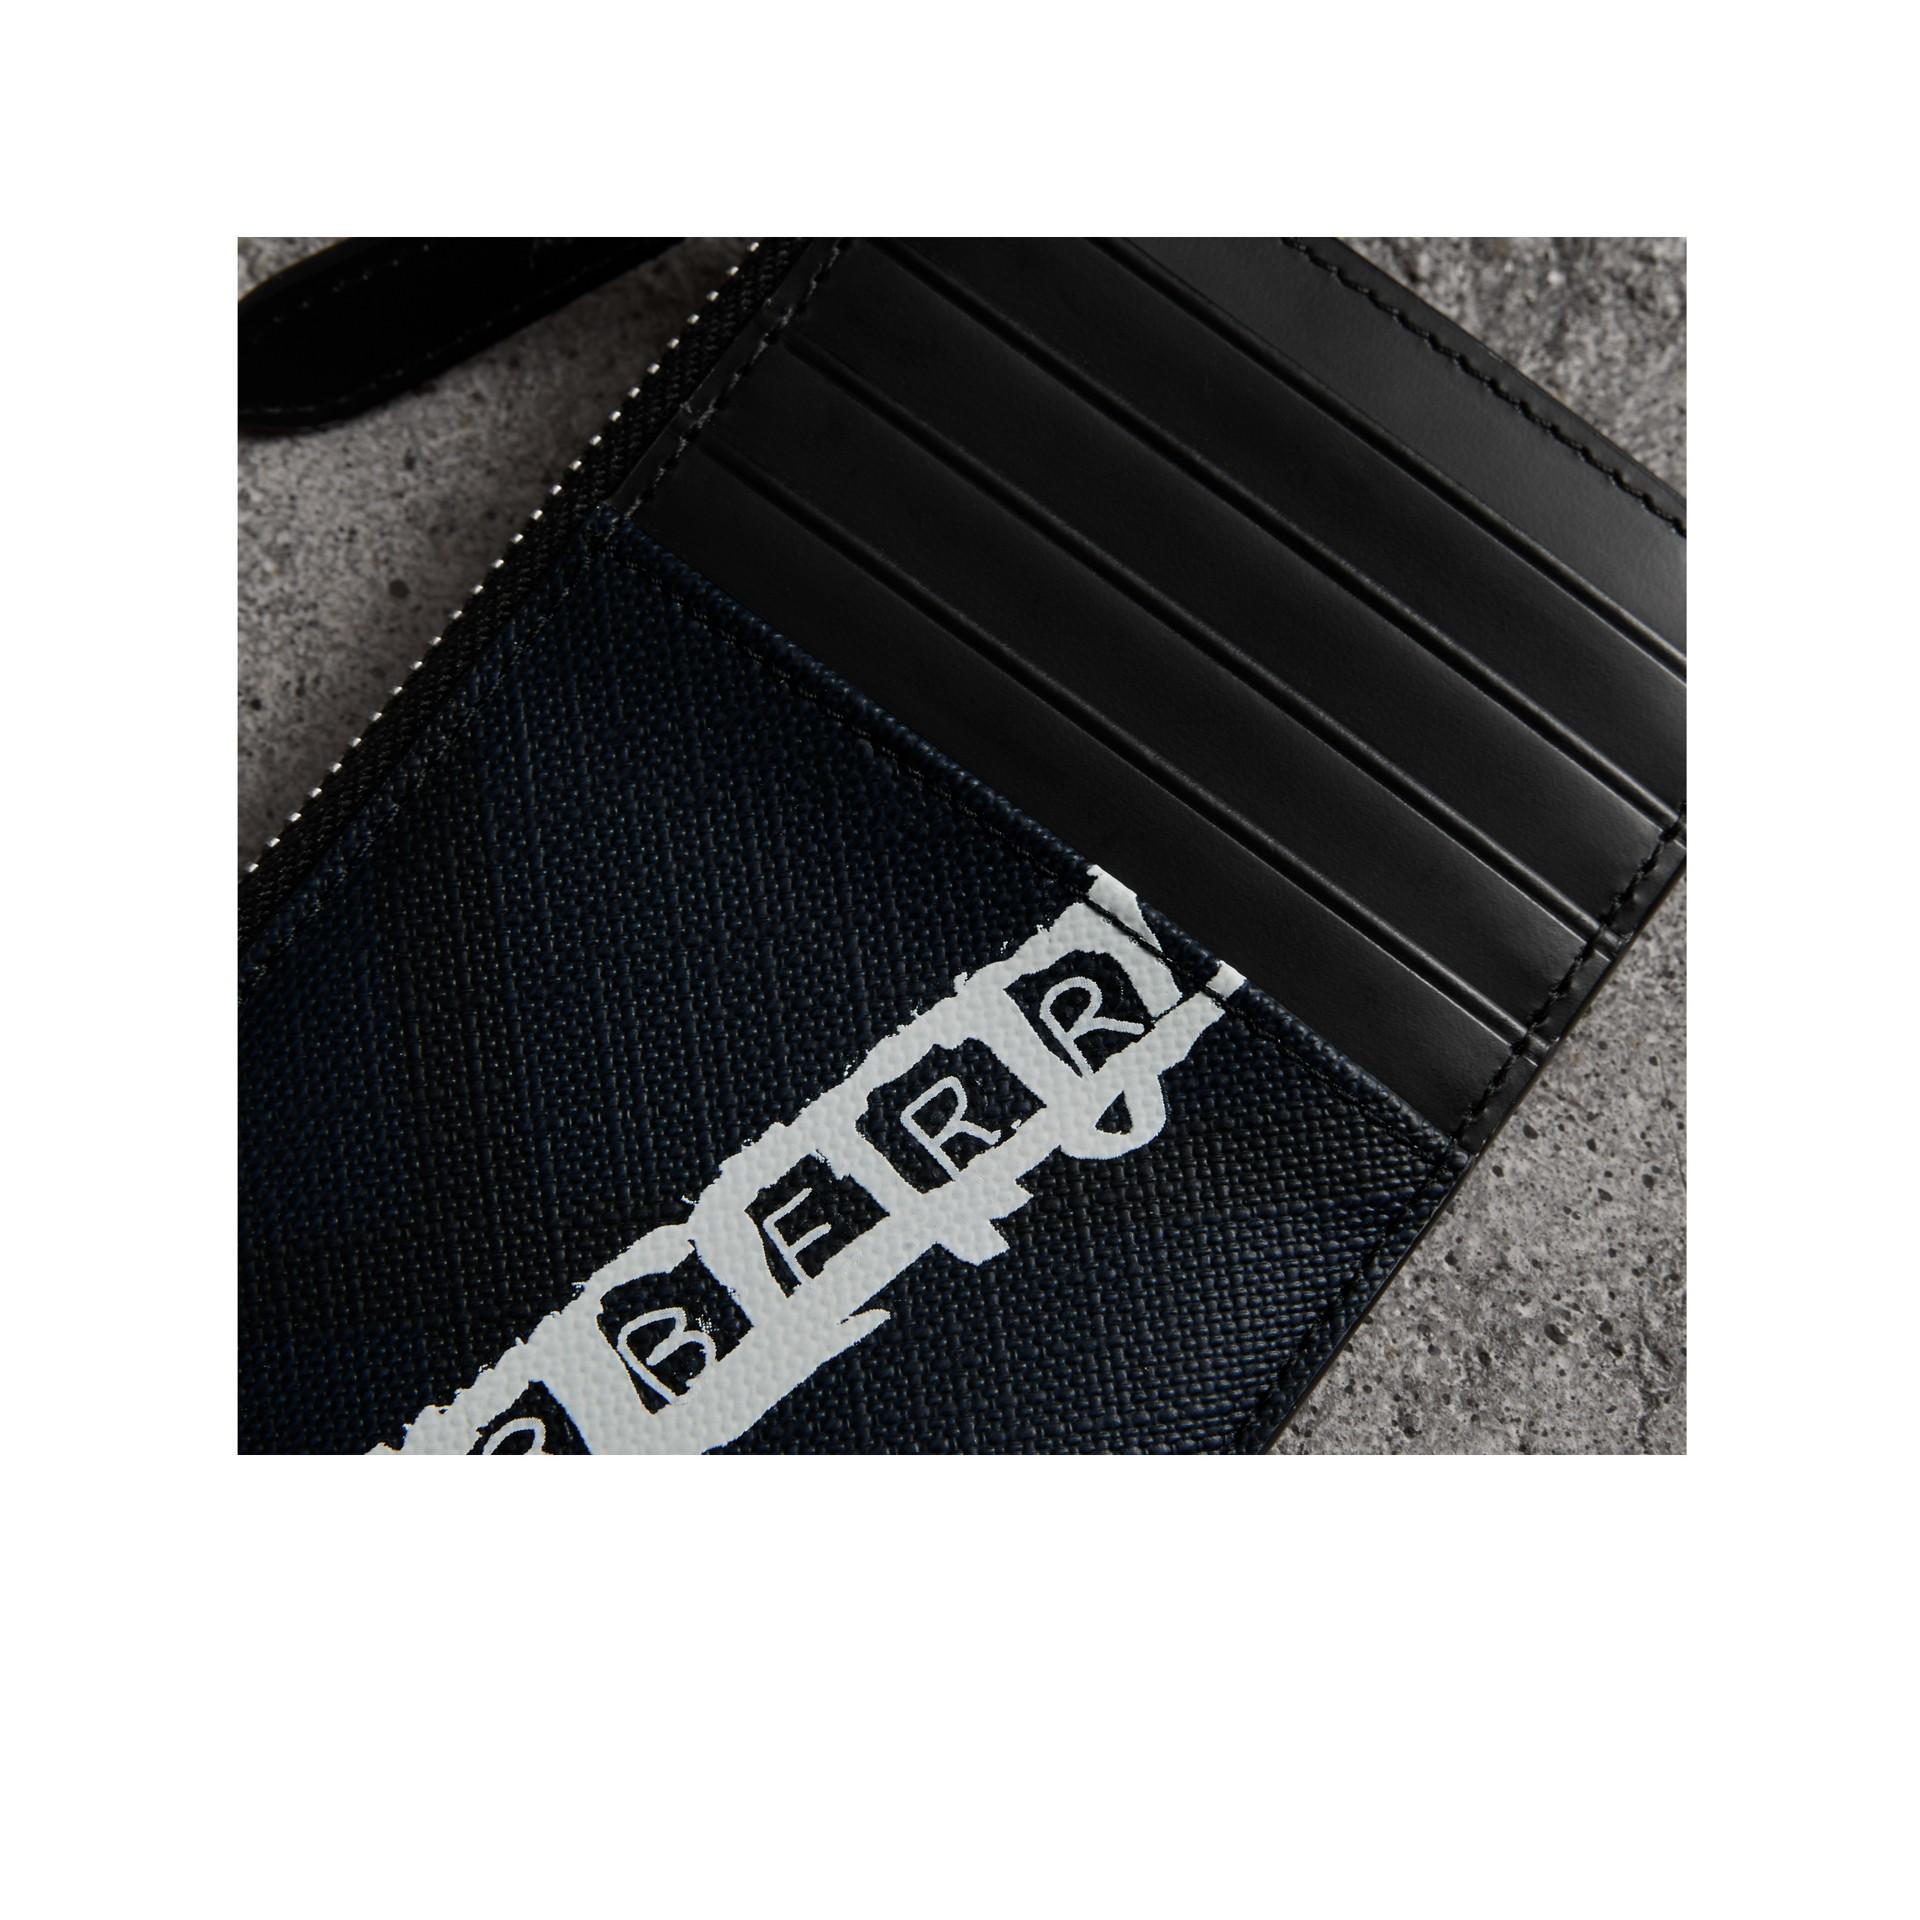 Porte-cartes zippé à motif London check avec logo imprimé (Anthracite) | Burberry Canada - photo de la galerie 1